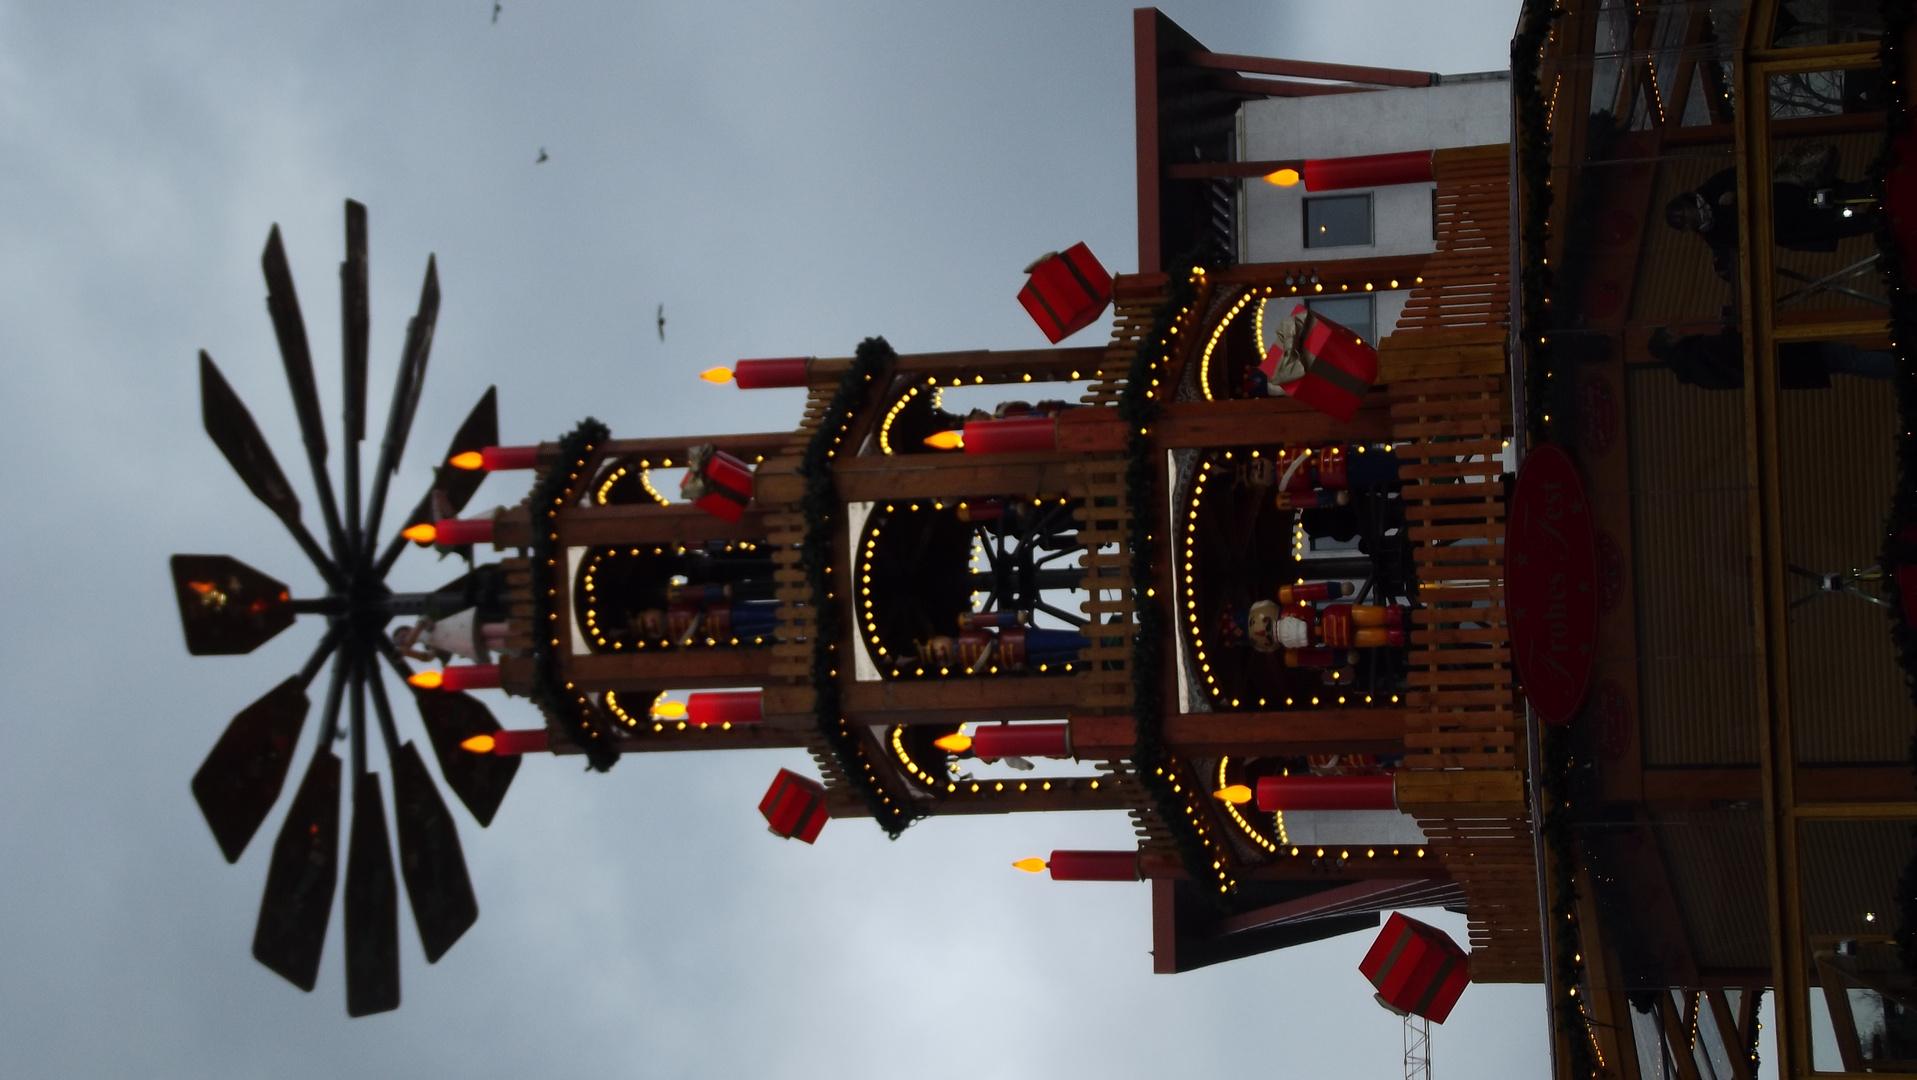 Weihnachtsmarkt Fulda Stände